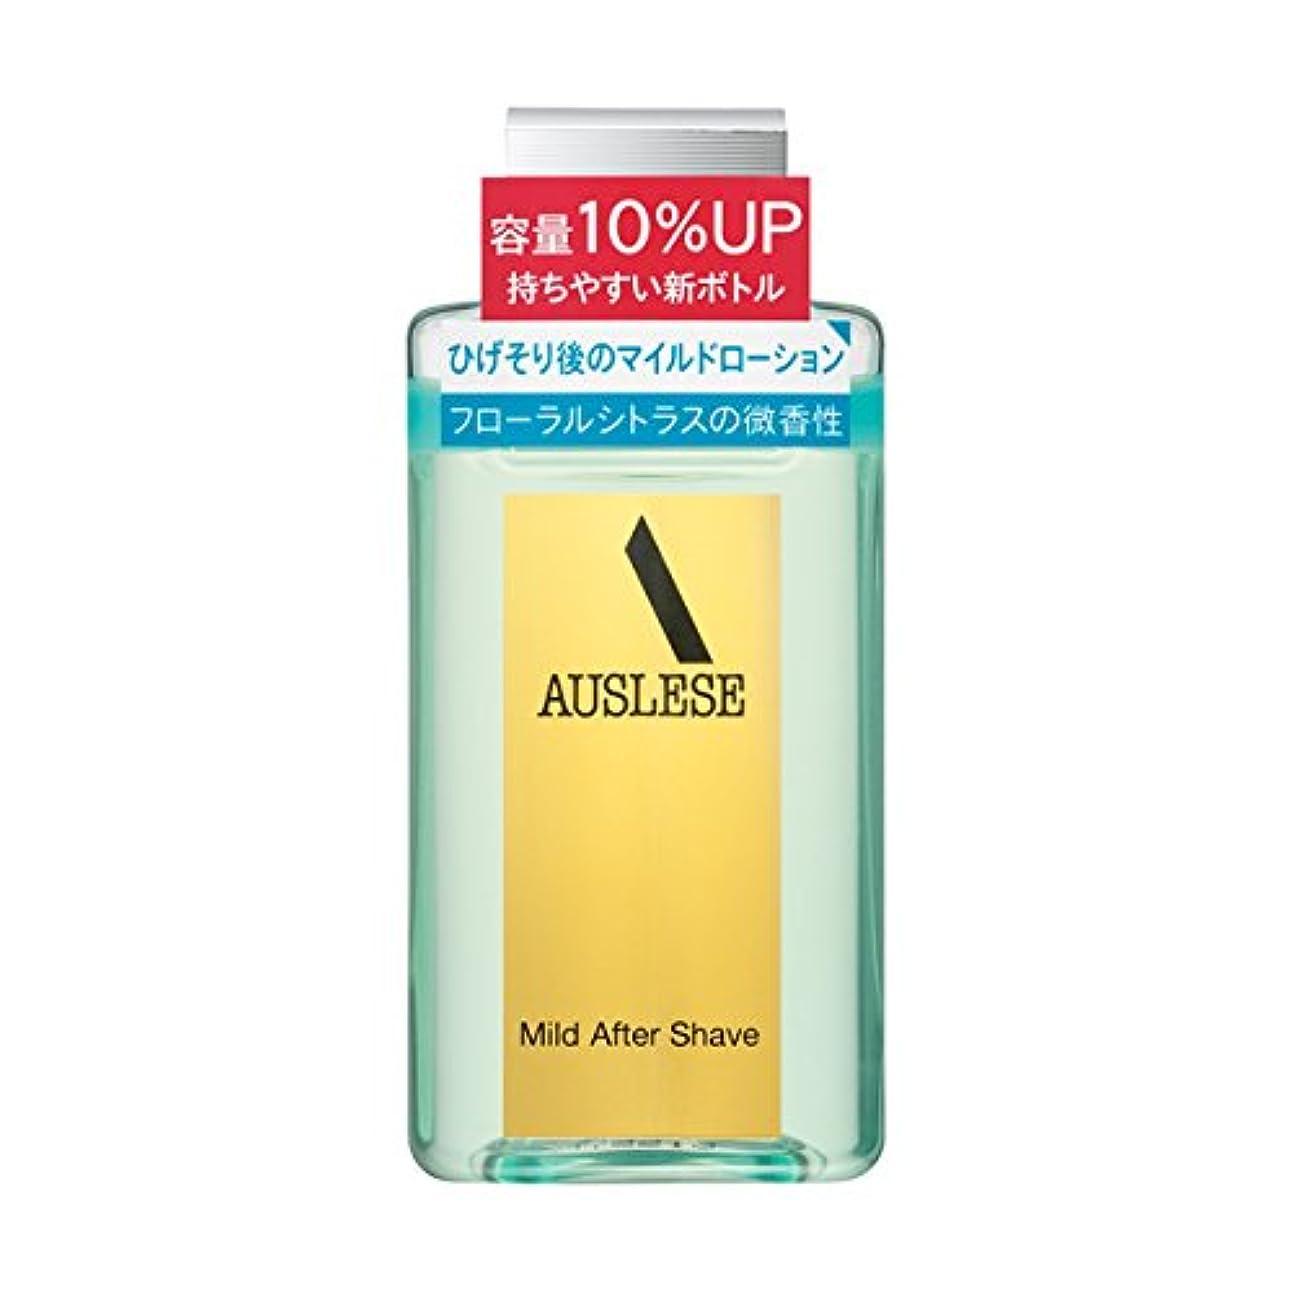 ペンダース細菌アウスレーゼ マイルドアフターシェーブN 110mL 【医薬部外品】